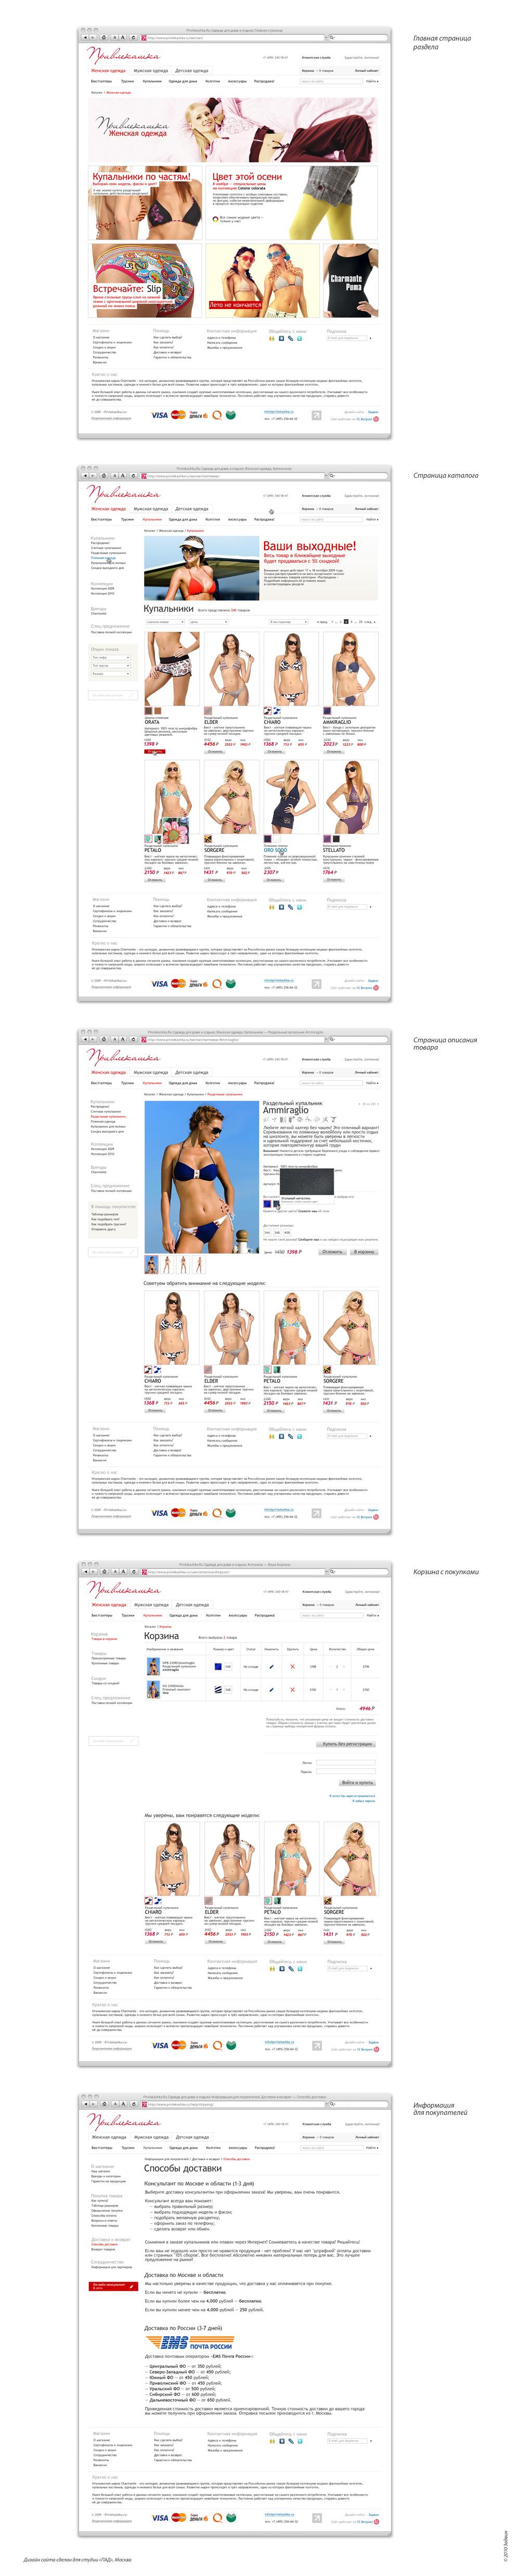 Онлайн-магазин «Привлекашка» версия 2.0